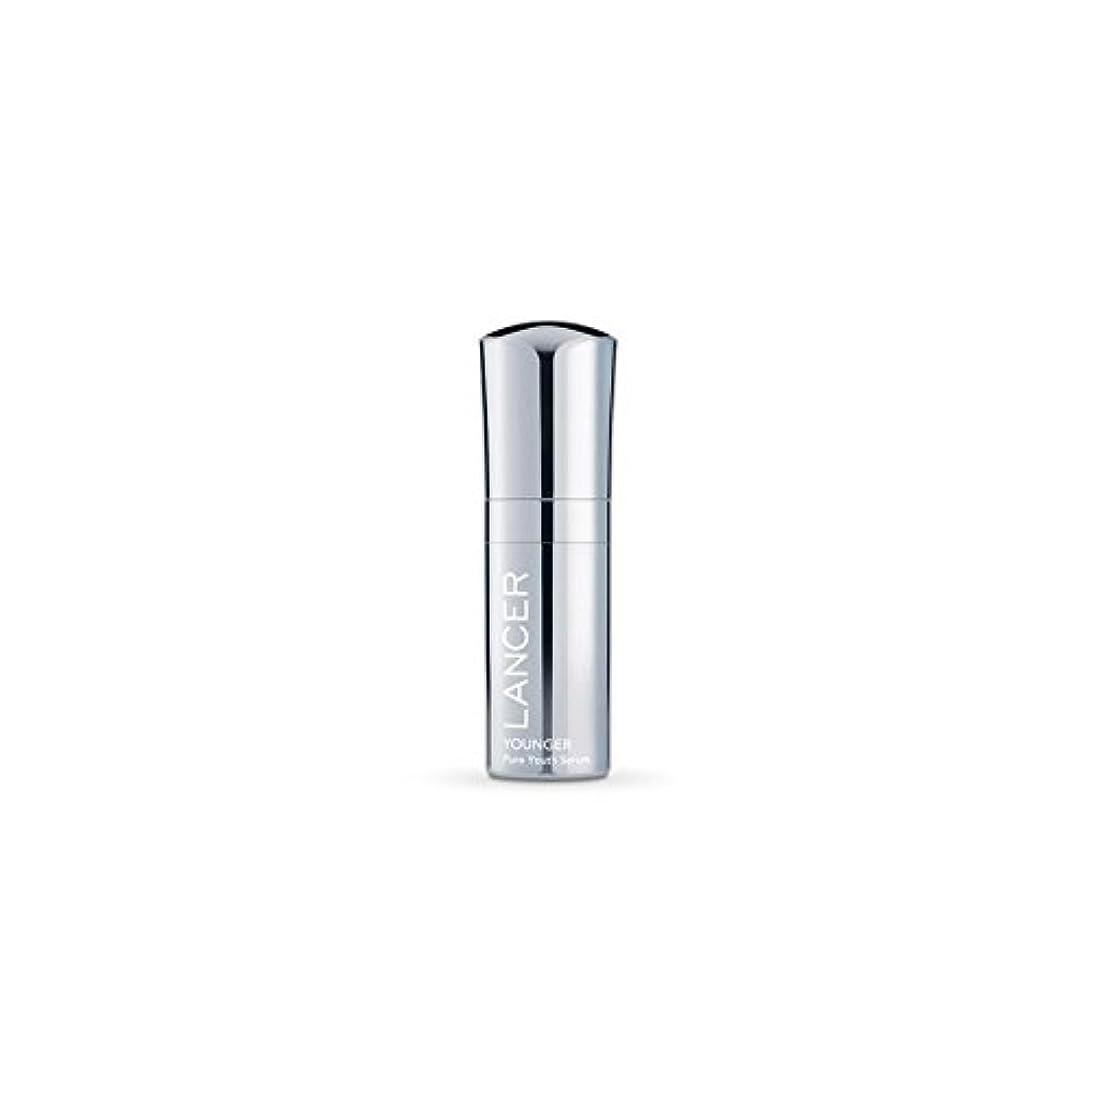 破滅的な倒錯かるランサースキンケア若い純粋な青年血清(30ミリリットル) x4 - Lancer Skincare Younger Pure Youth Serum (30ml) (Pack of 4) [並行輸入品]